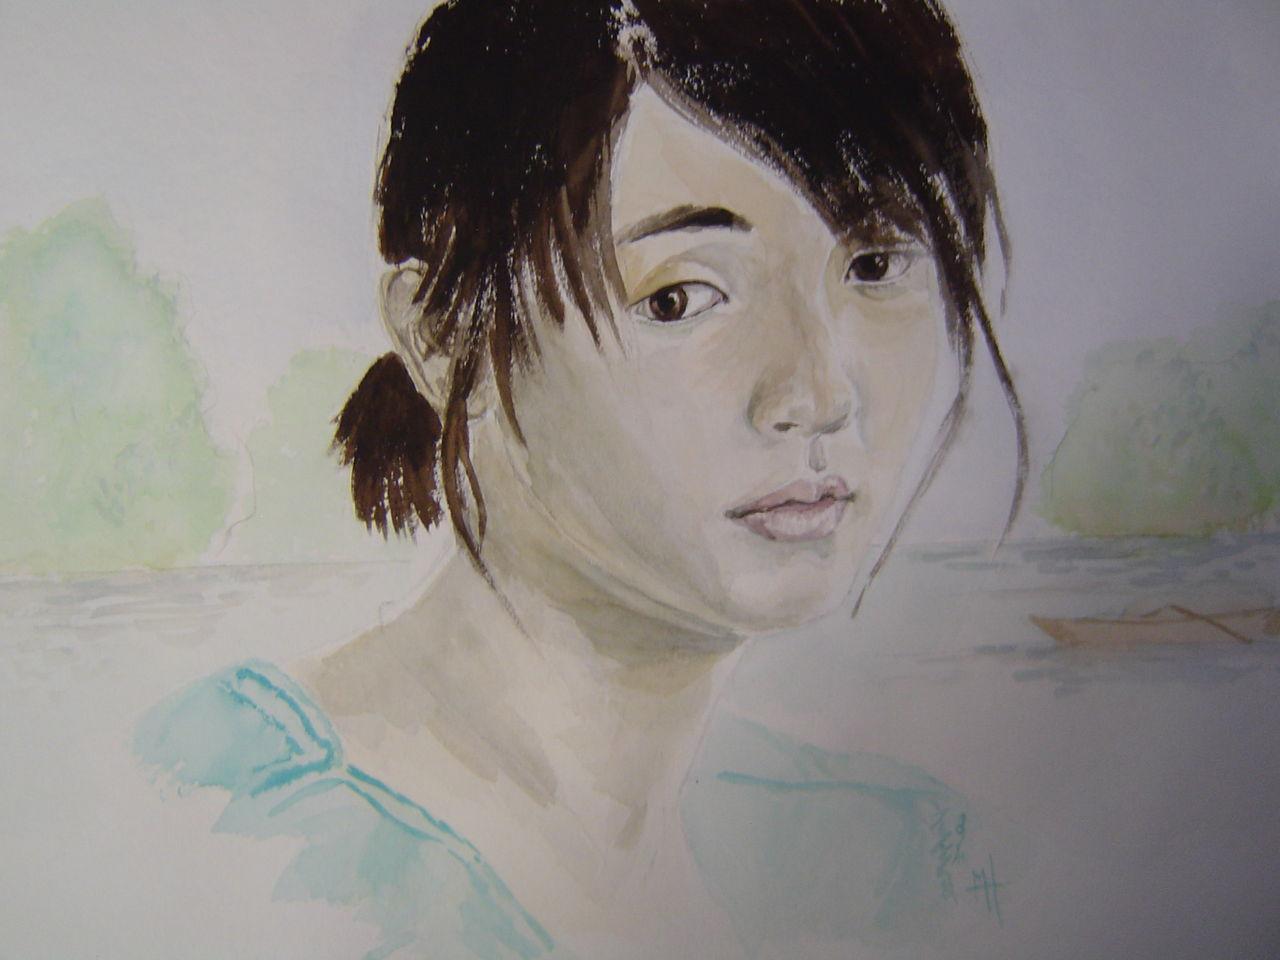 Marie-Hélène CLINCHAMPS Mitsushima Ikari